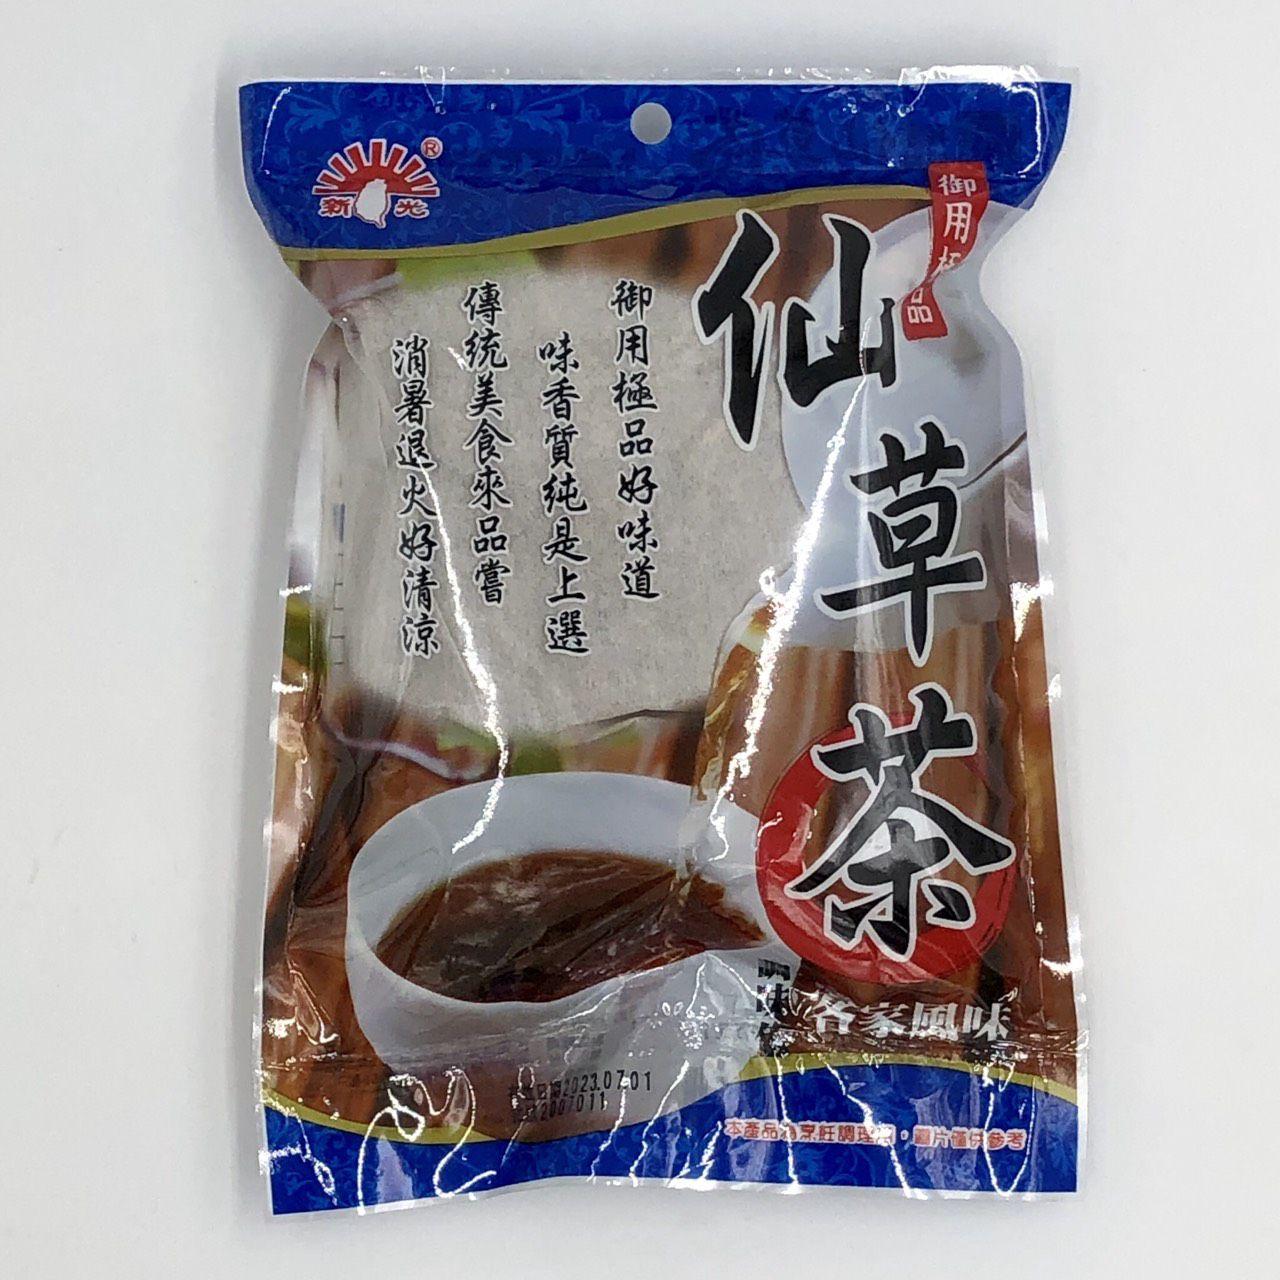 (新光)客家風味仙草茶調味包100g(全素)